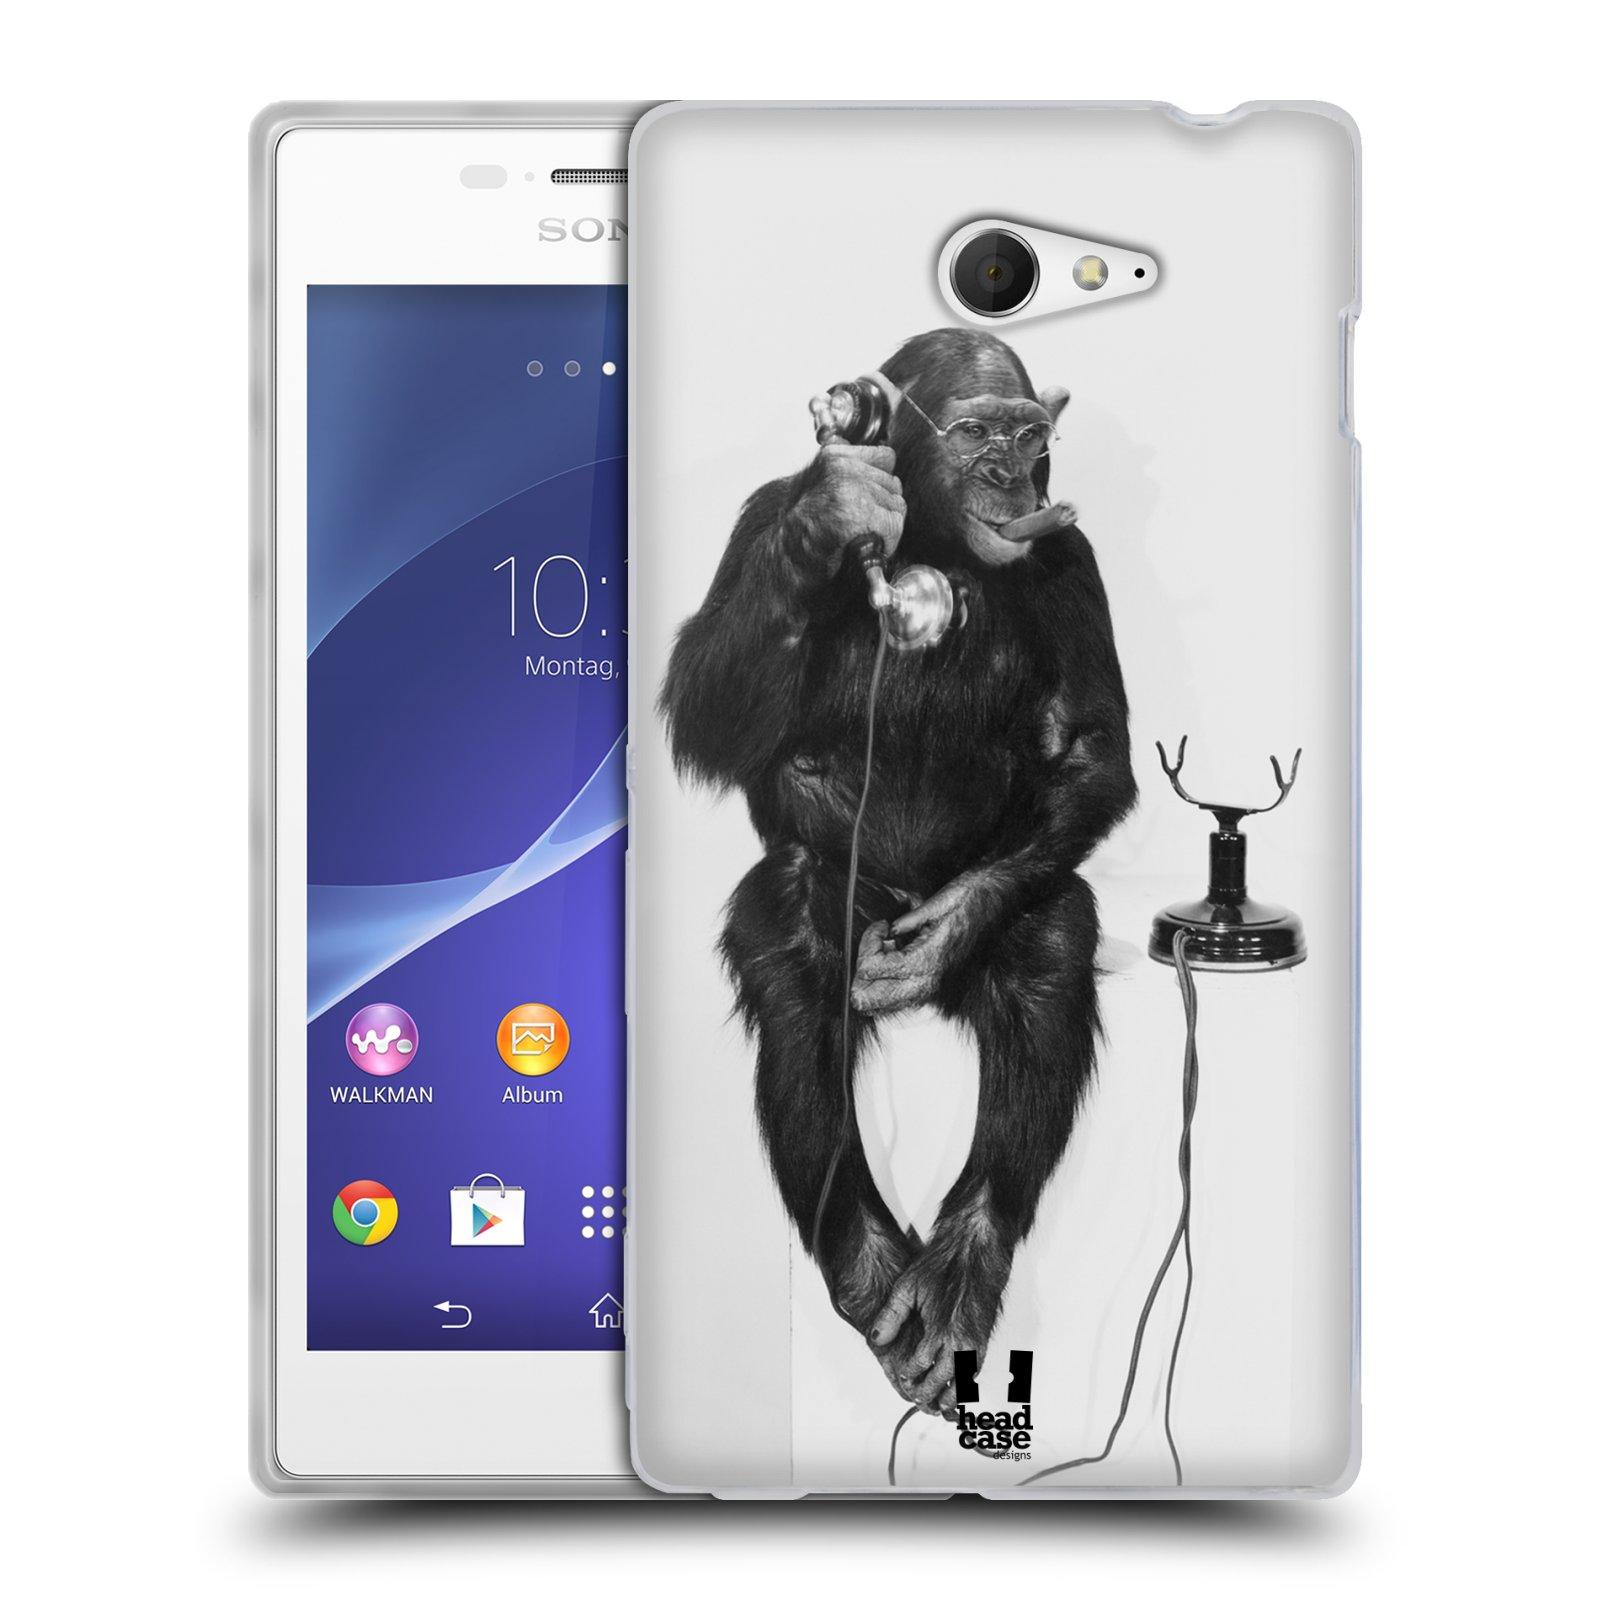 Silikonové pouzdro na mobil Sony Xperia M2 D2303 HEAD CASE OPIČÁK S TELEFONEM (Silikonový Kryt či obal na mobilní telefon Sony Xperia M2)